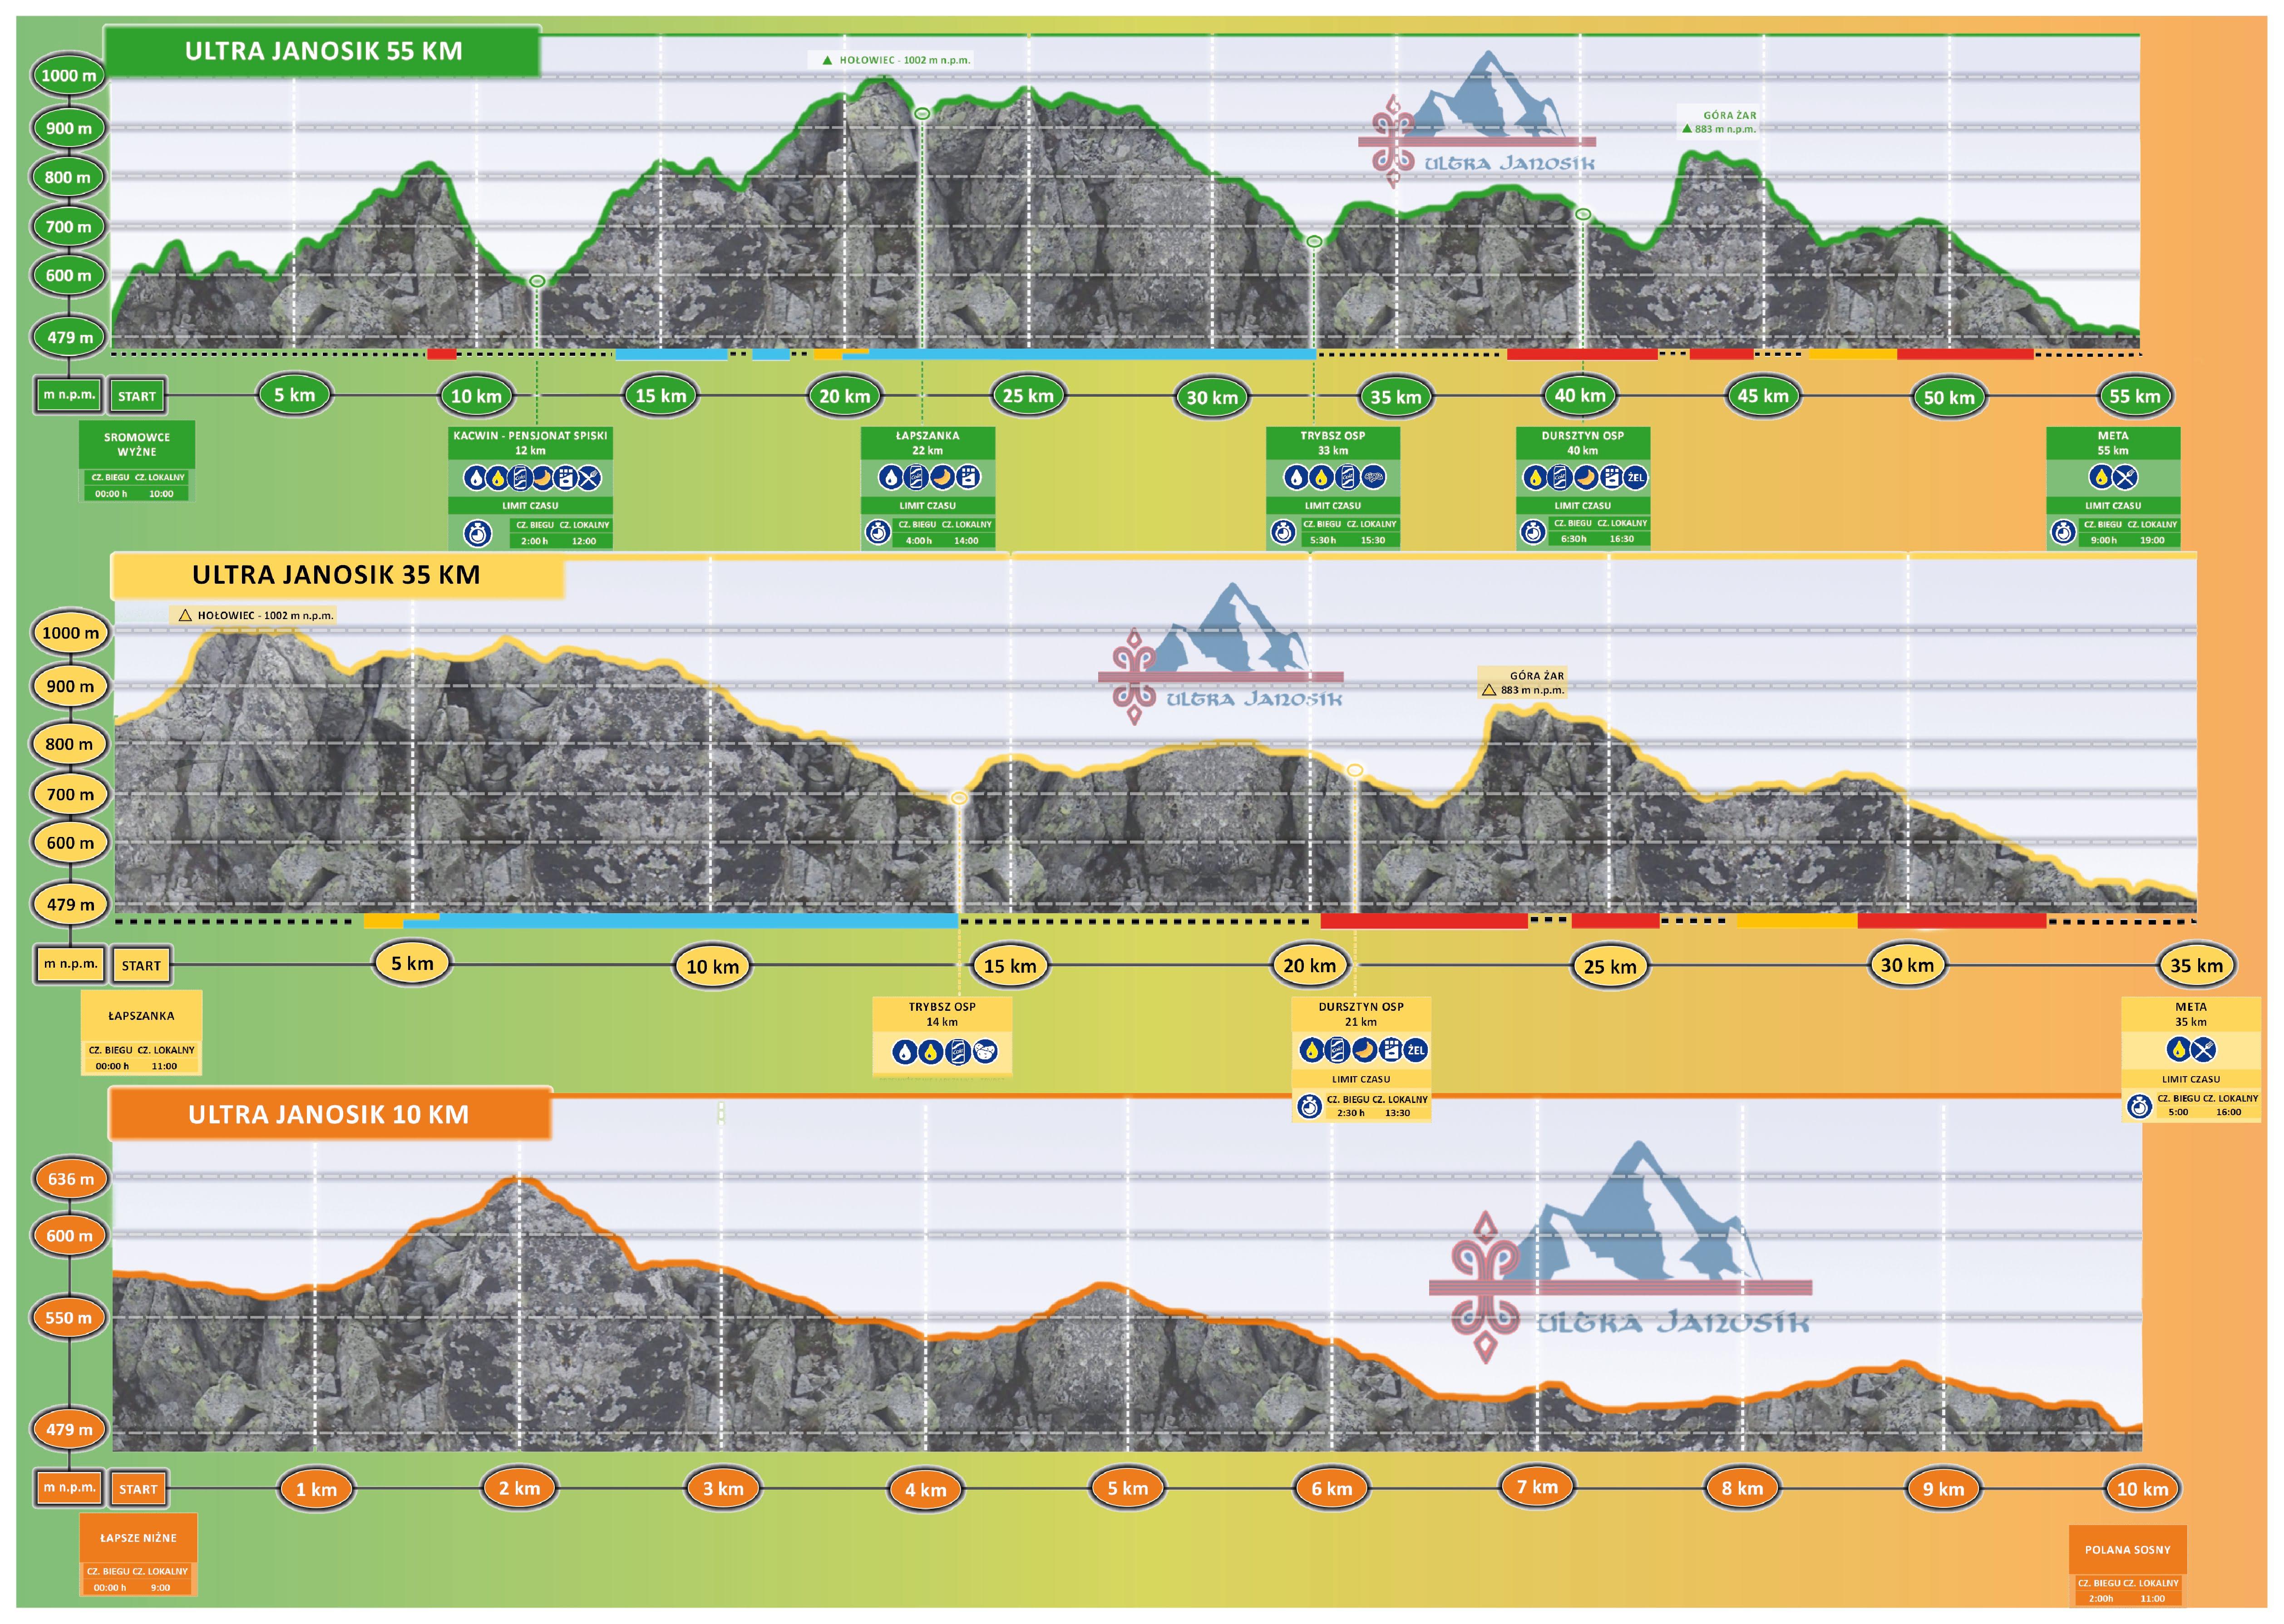 Ultra Janosik 55, 35 i Ledwo Dycha km (mapa statyczna on-line odwrót profile)-CMYK